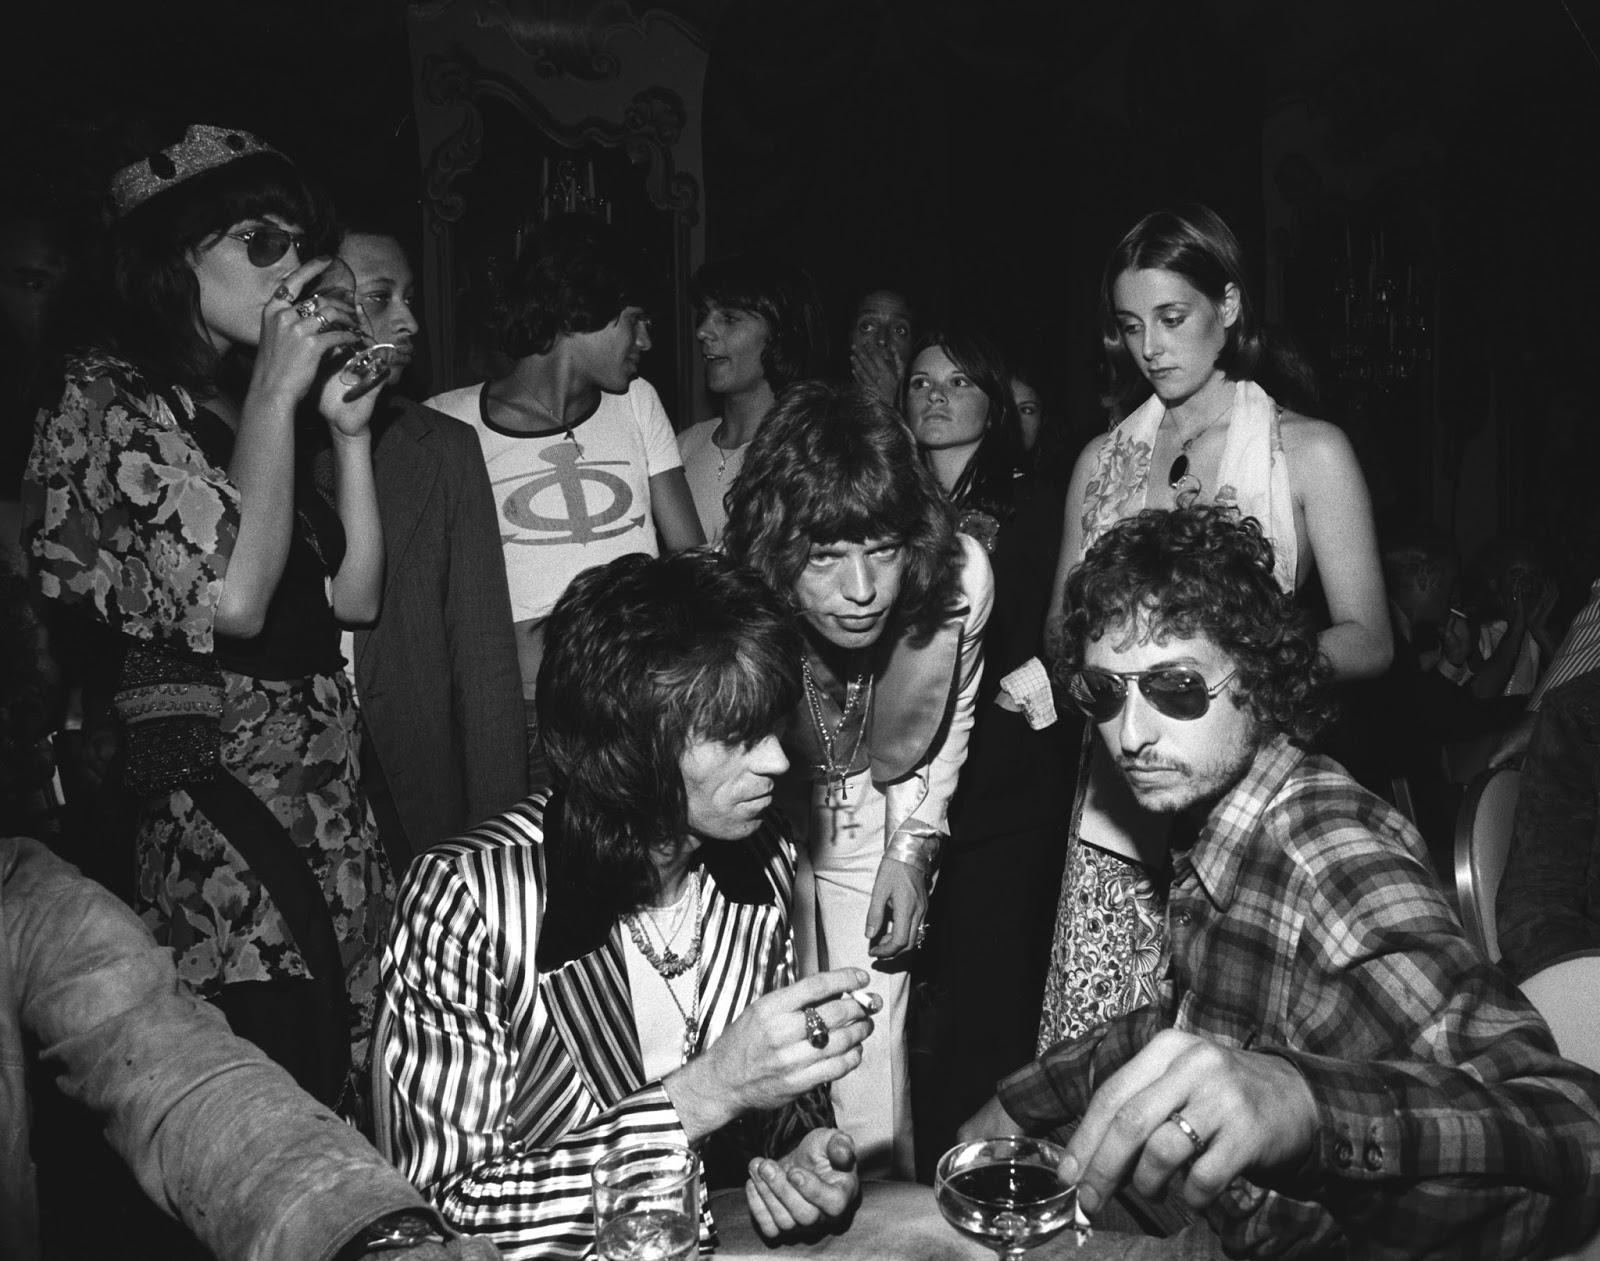 Bob Dylan Mick Jagger and Keith Richards at Jaggers 30th birthday